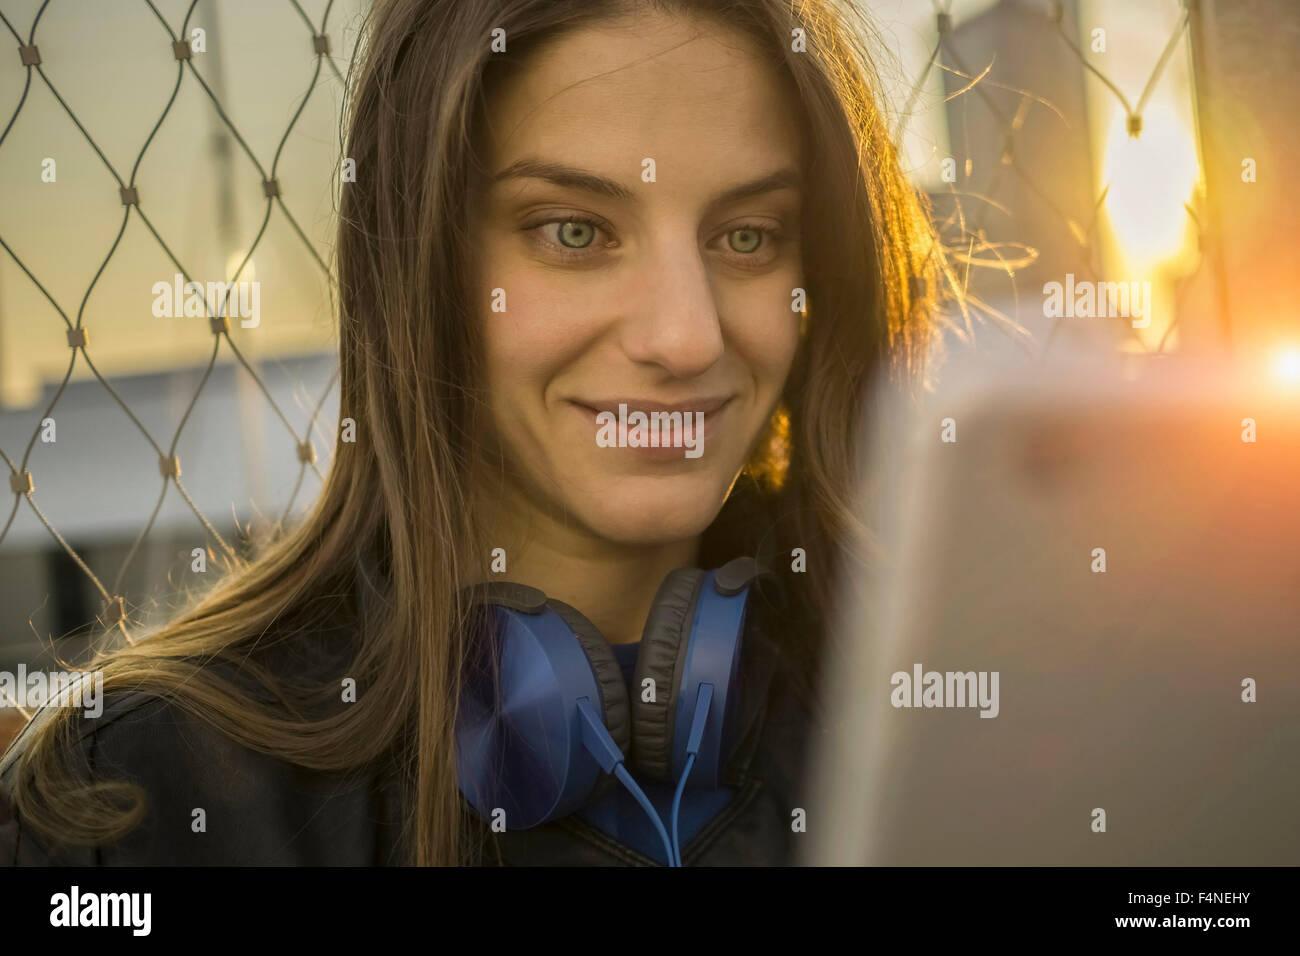 Ritratto di stupito giovane donna guardando il suo smartphone a retroilluminazione Immagini Stock